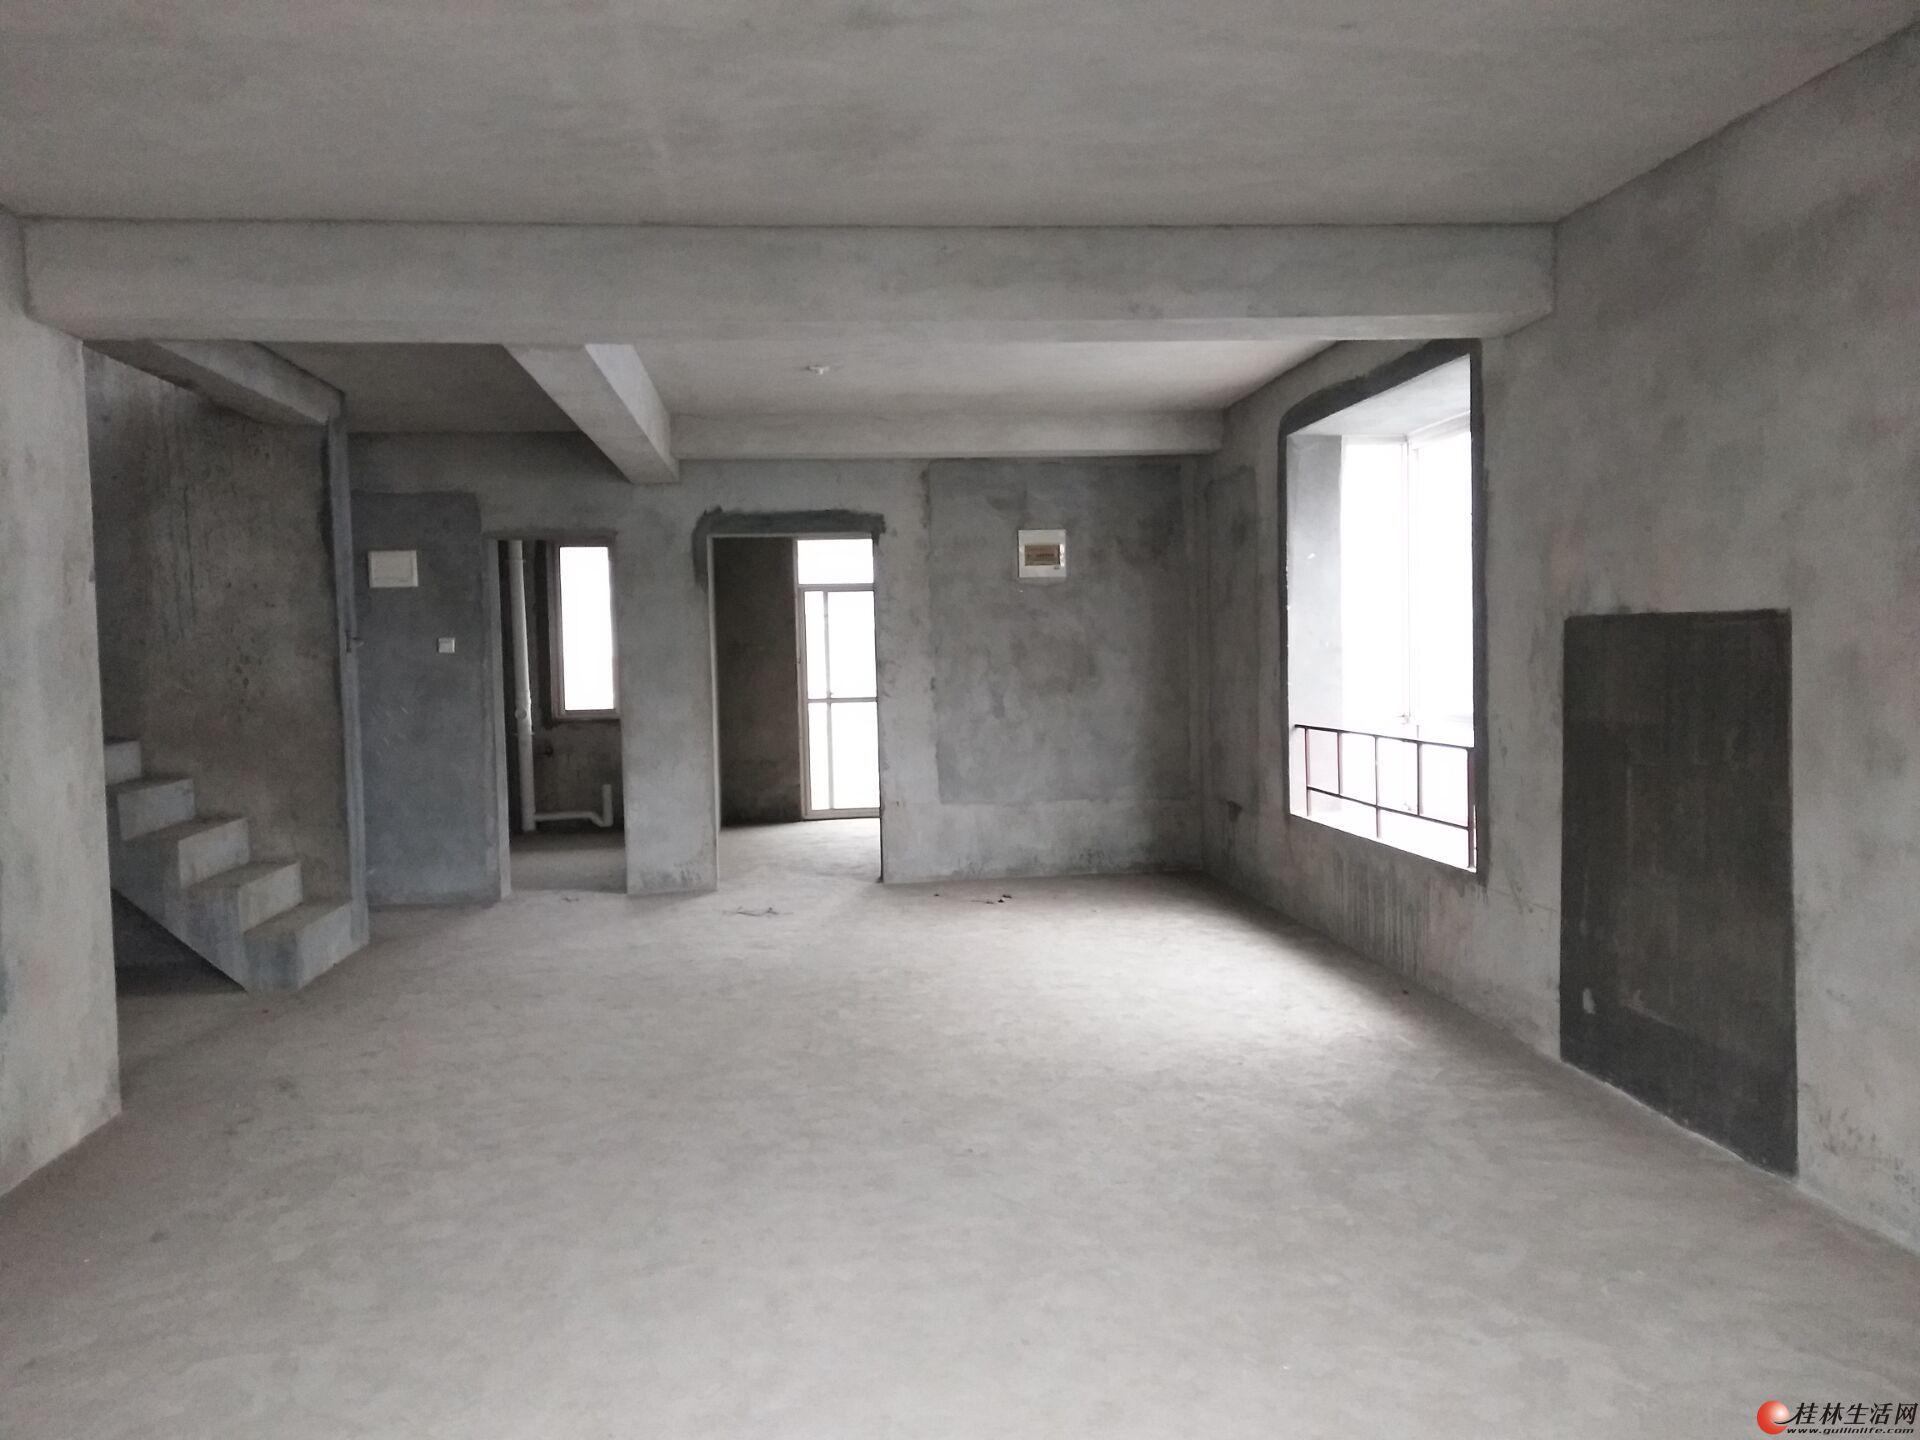 龙隐学区 公园绿涛湾西园 清水二层复式+阁楼+露台 160万